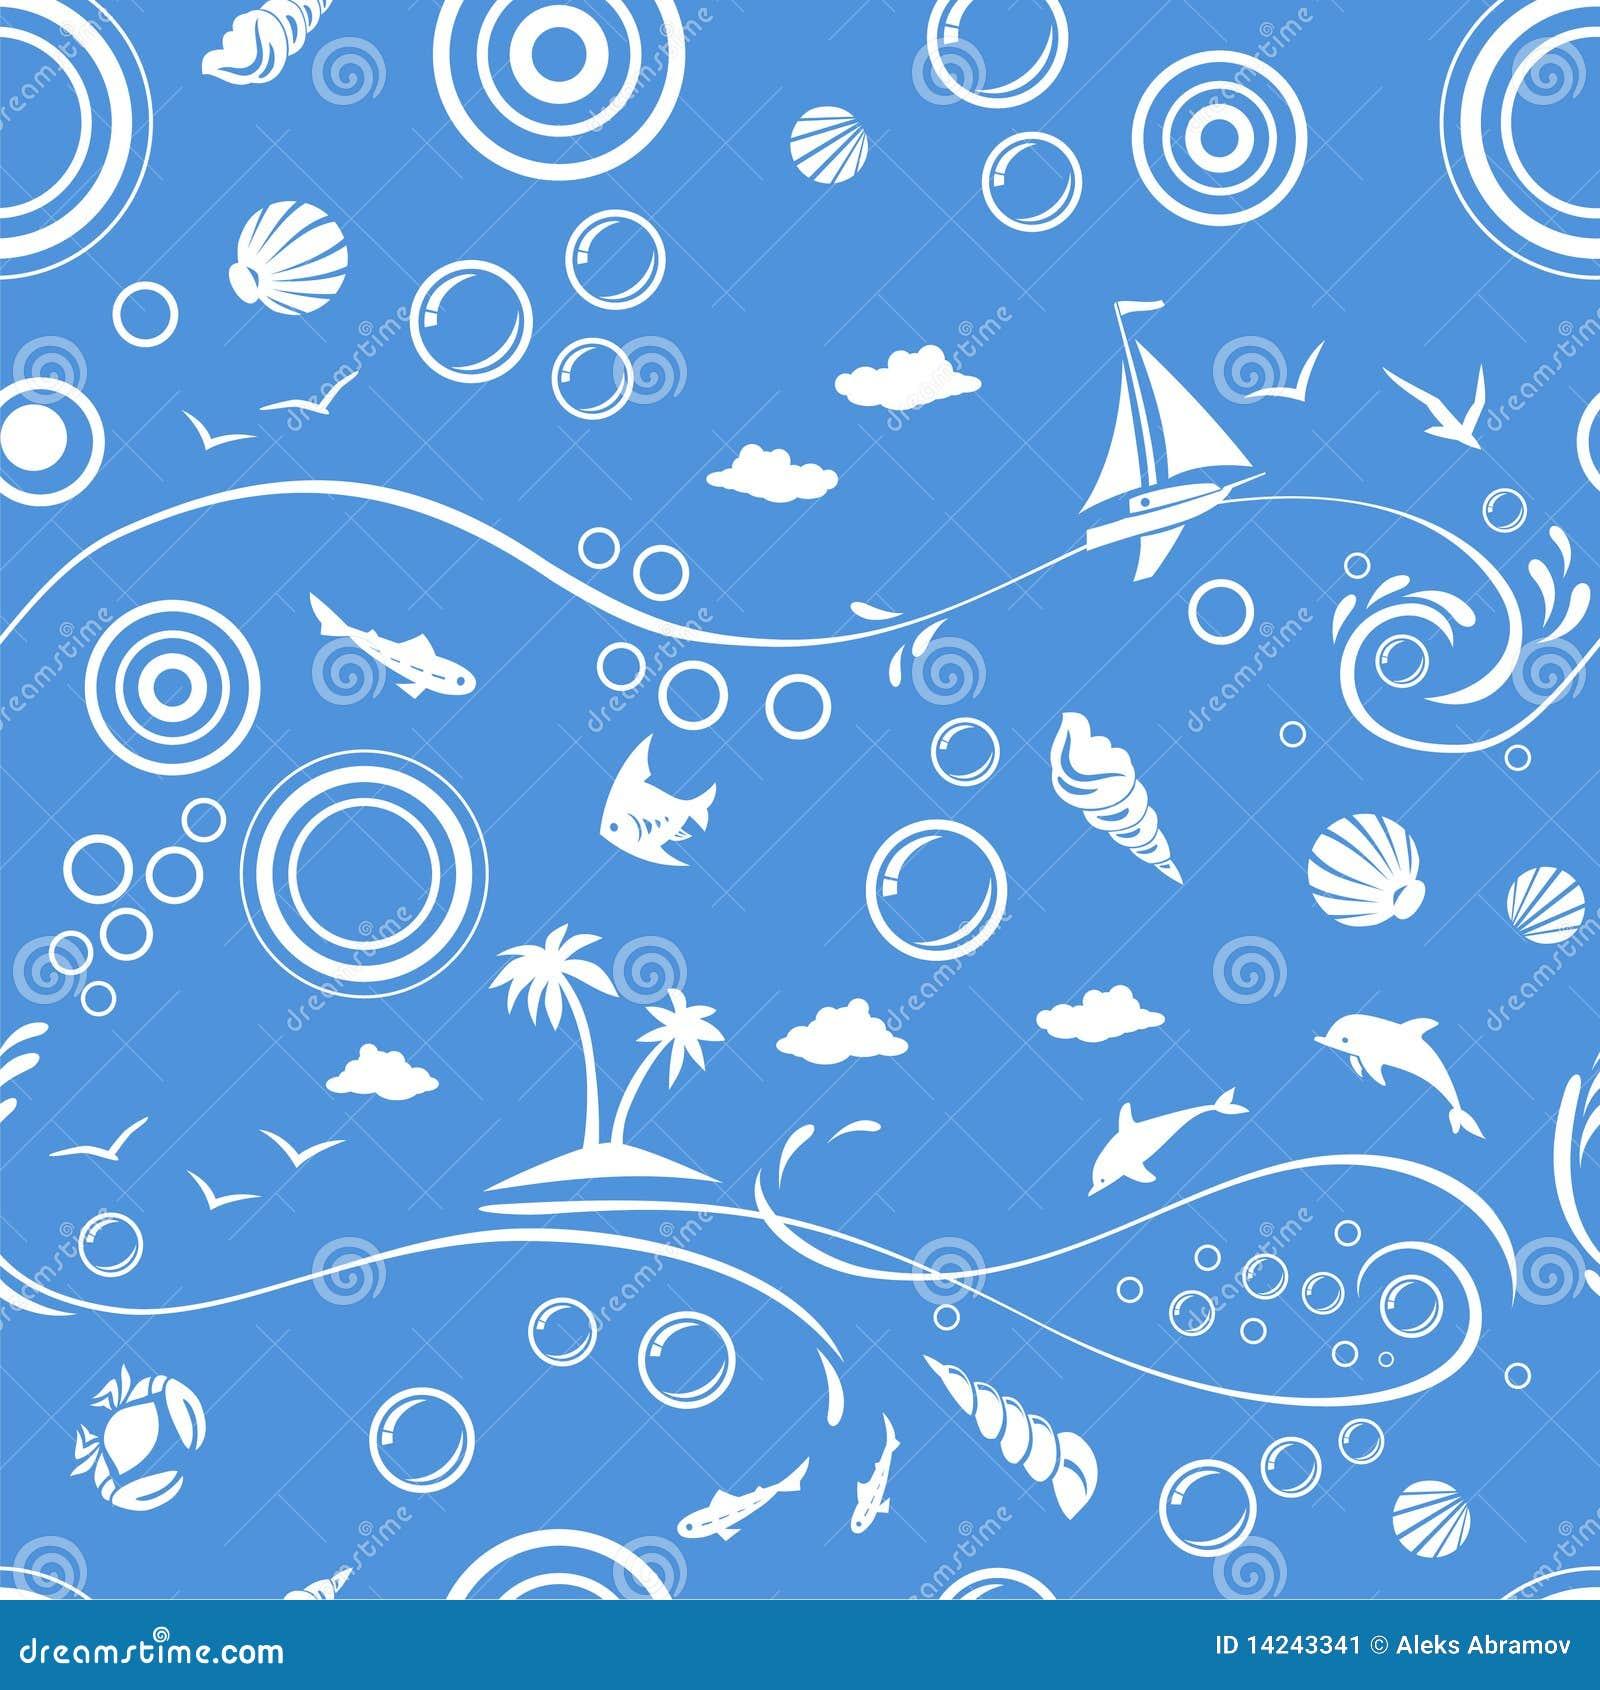 Sand Tile Background